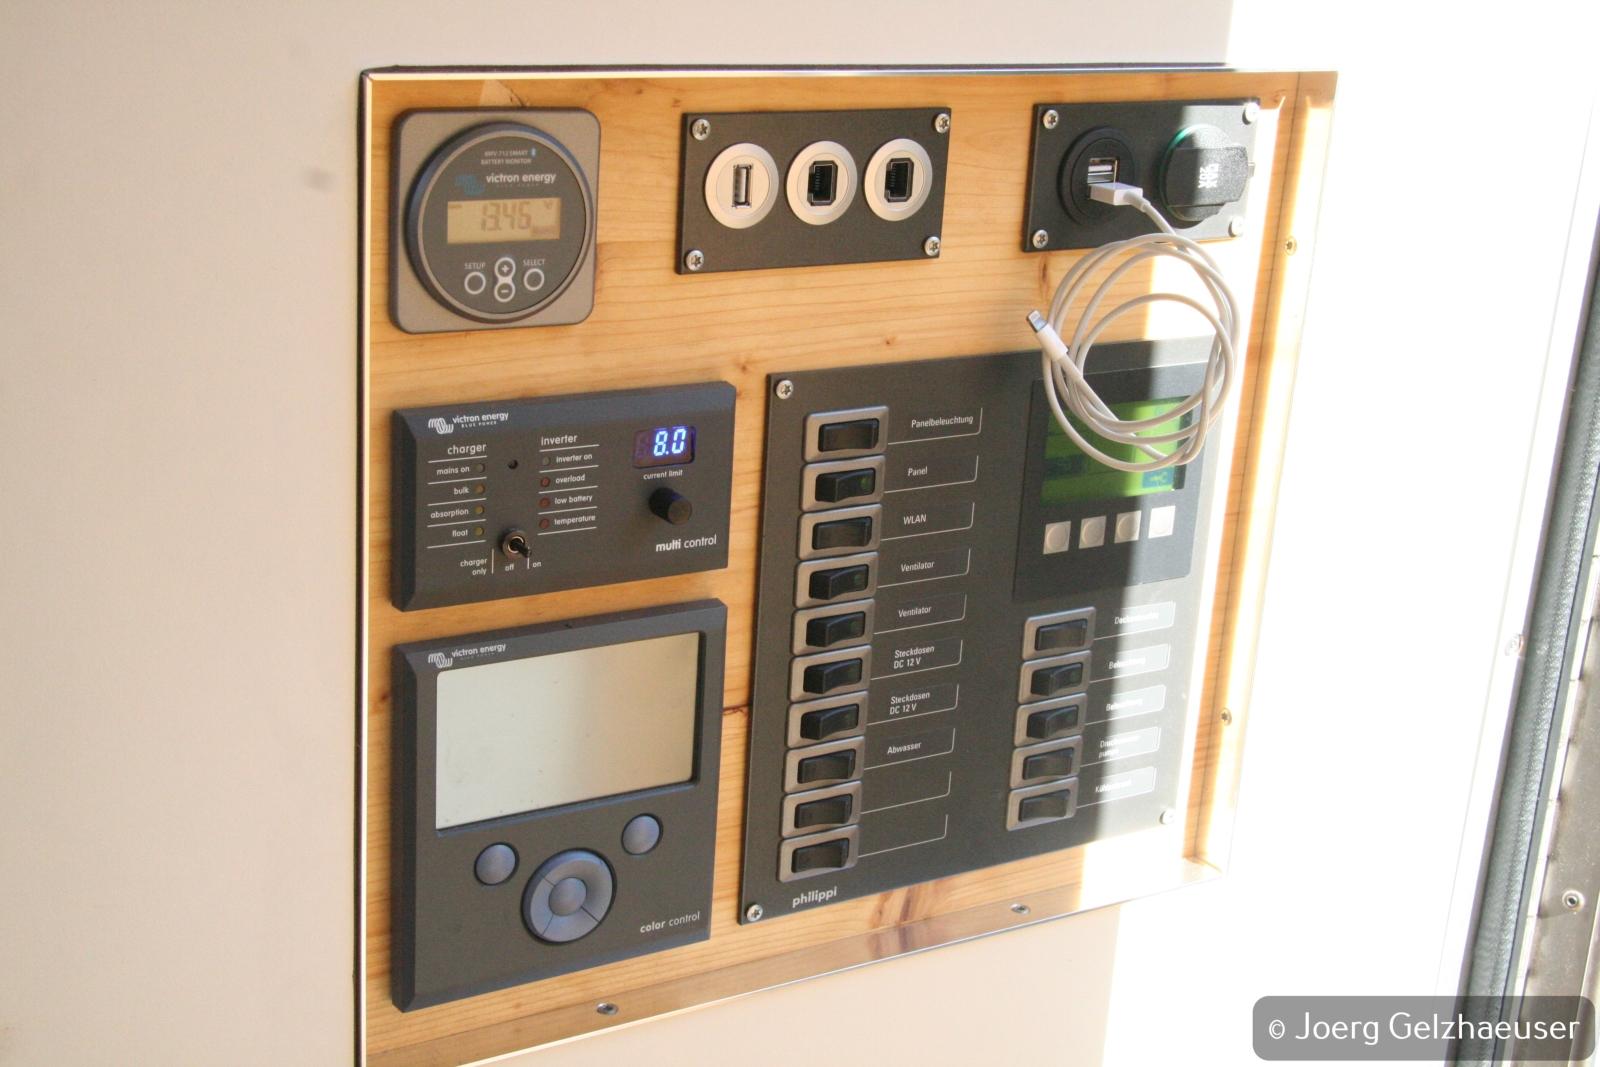 Unimog - Das universelle Motor-(Fernreise)-Gerät - Alles angeschlossen und… es funktioniert.